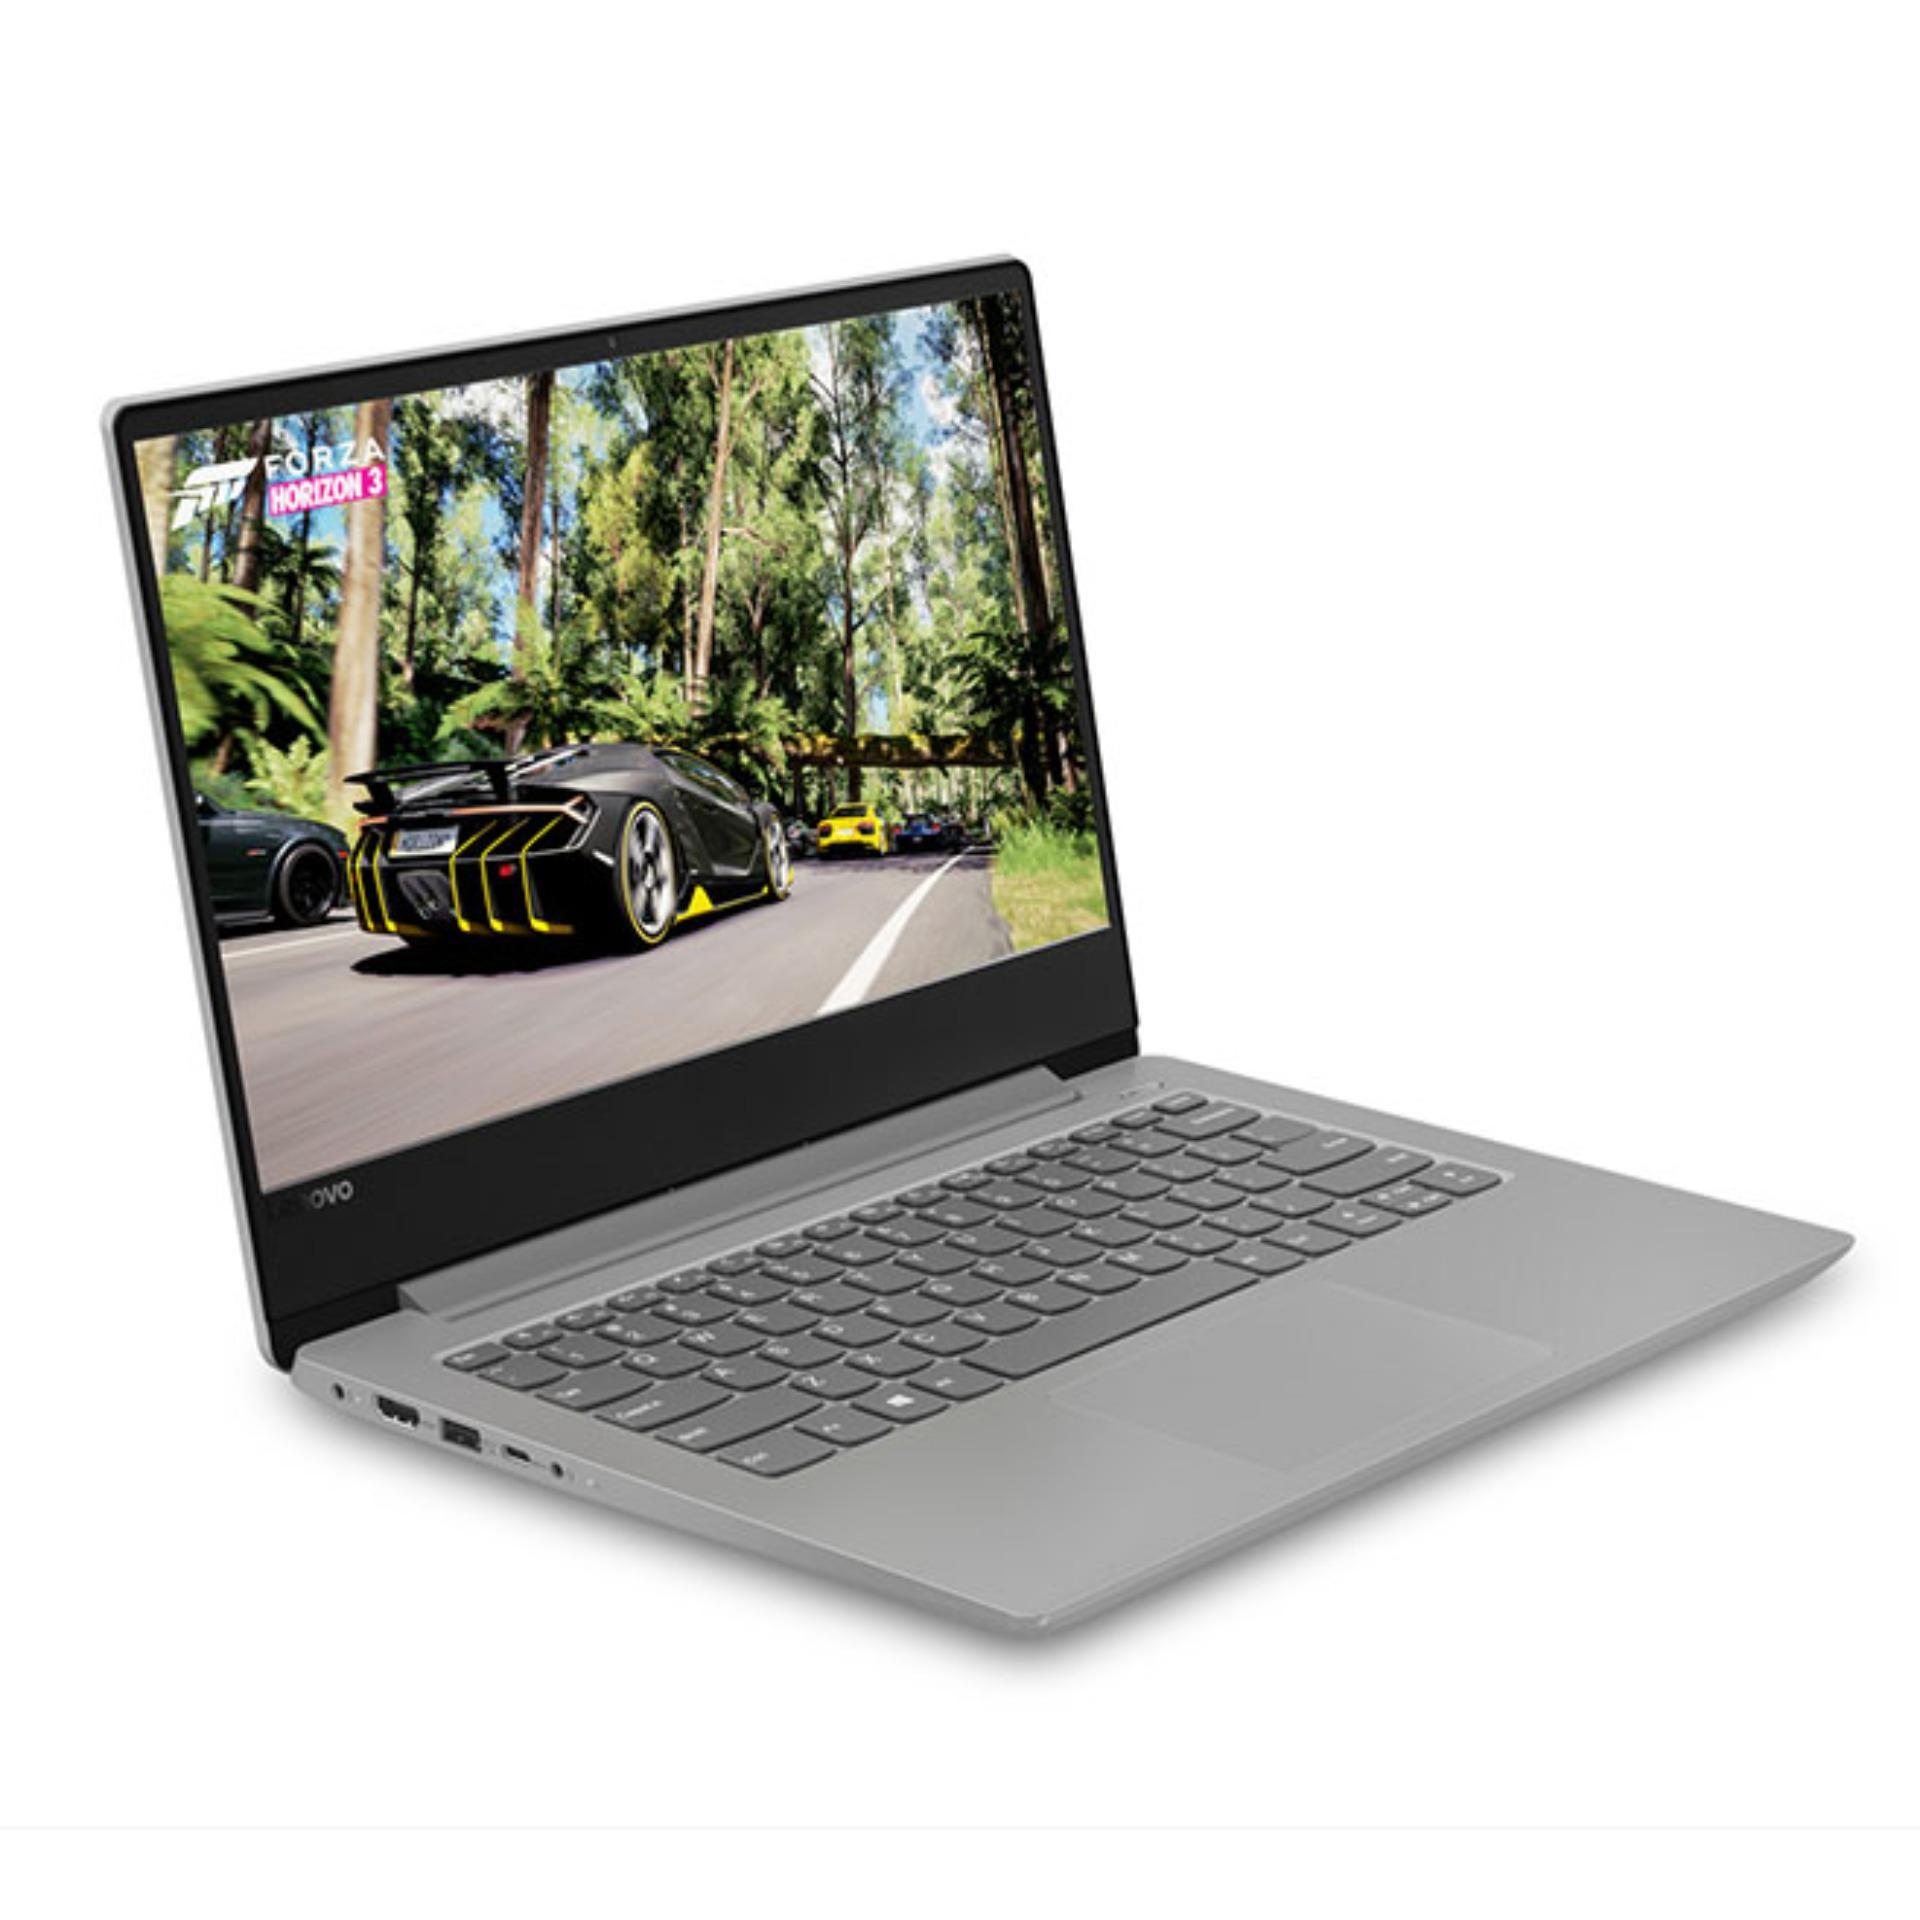 Jual Laptop Lenovo Terbaru Ideapad 305 Win10 I3 5005 M330 2gb 14 Silver 330s 14ikb Brid Intel Core I5 8250u 4gb Ddr4